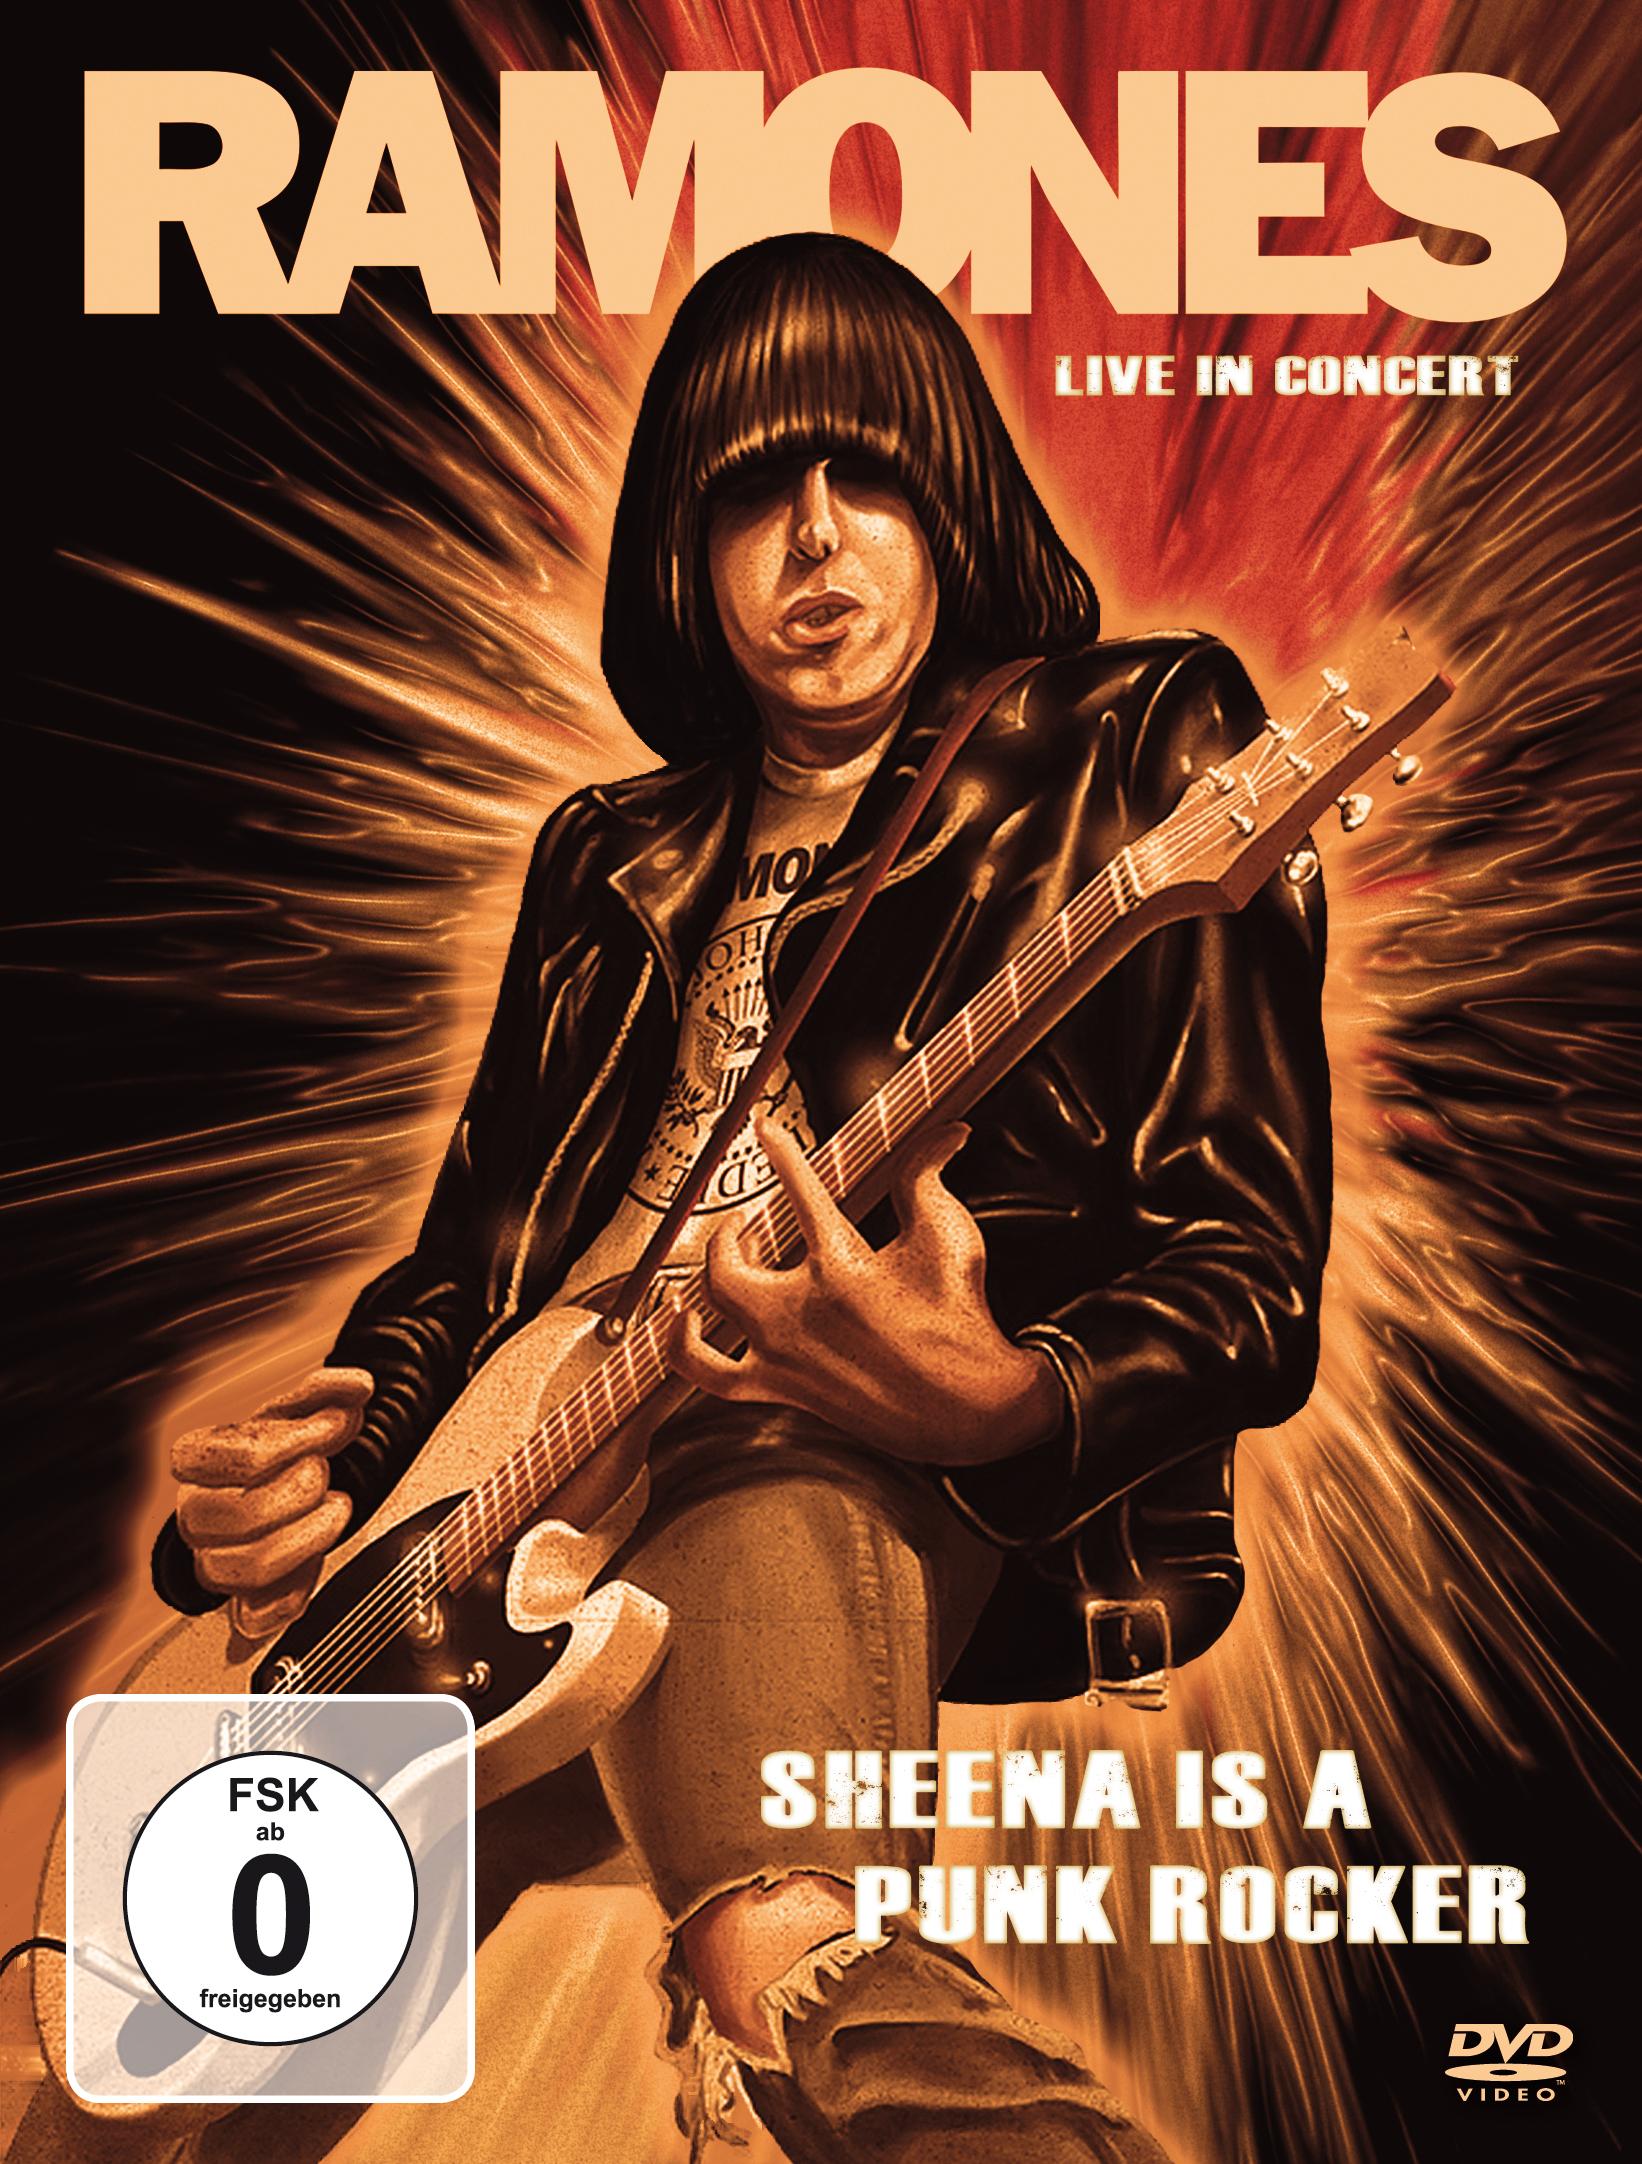 Ramones: Live in Concert - Sheena Is a Punk Rocker